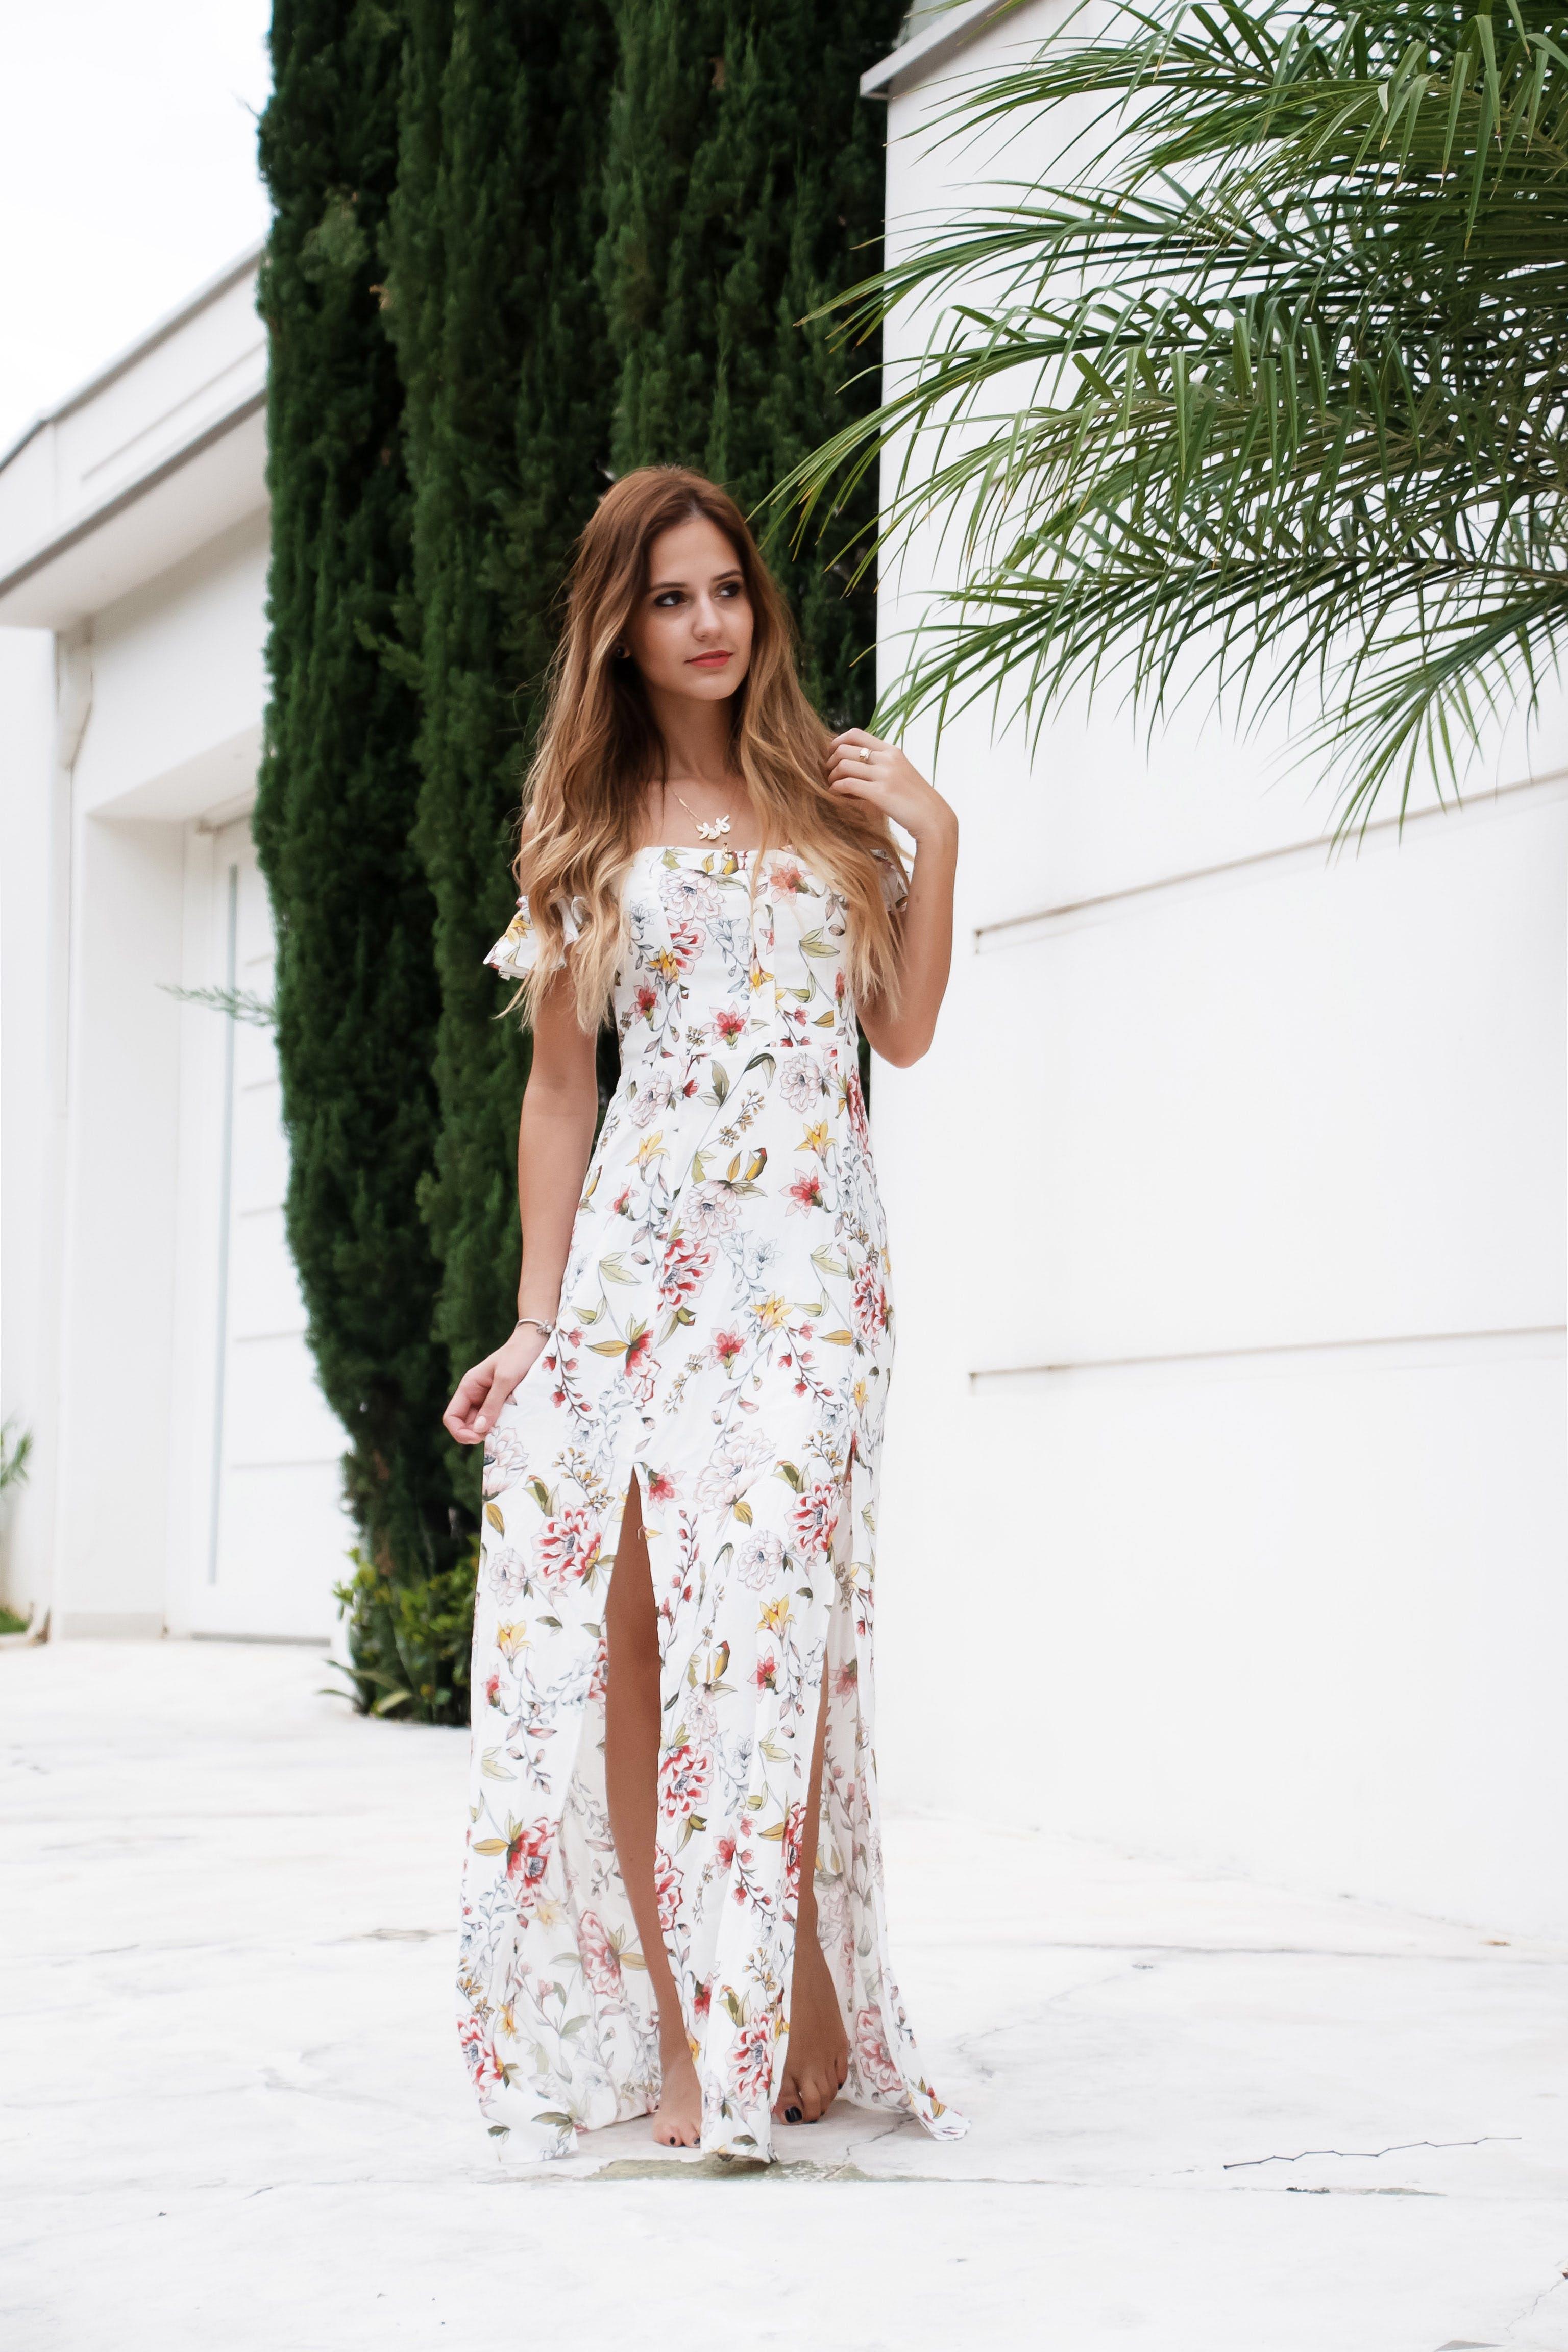 드레스, 매력적인, 스타일리시한, 아름다운의 무료 스톡 사진